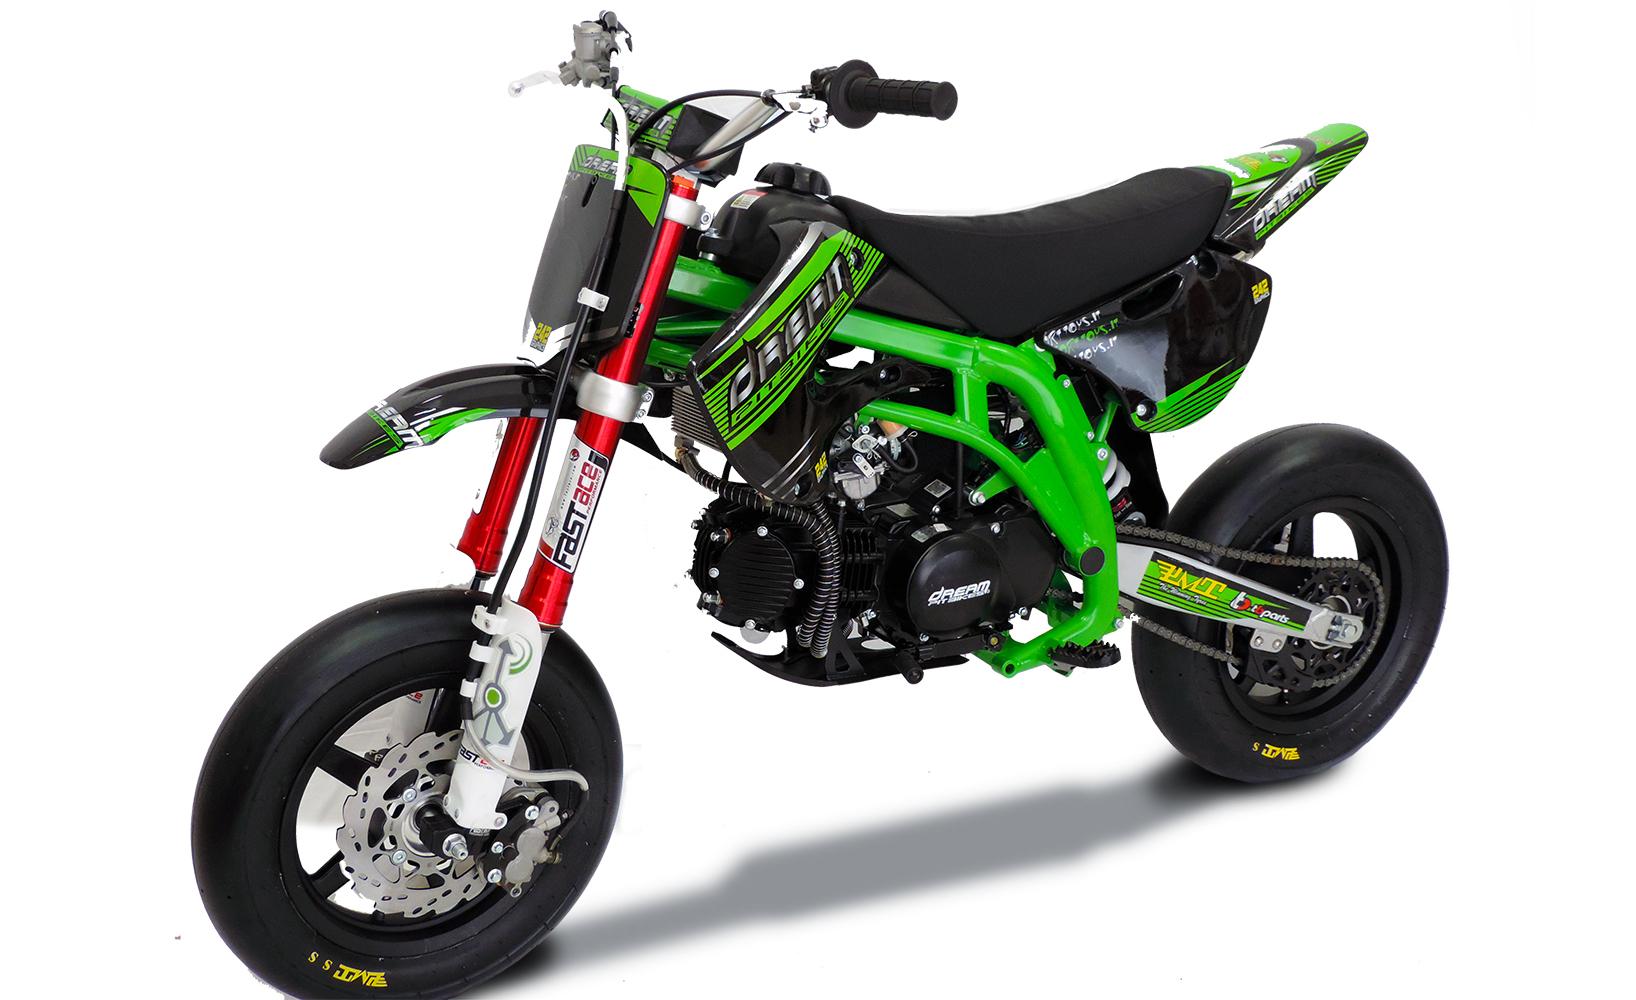 pitbike atom zs155 pro l e motard sport pit bike shop. Black Bedroom Furniture Sets. Home Design Ideas